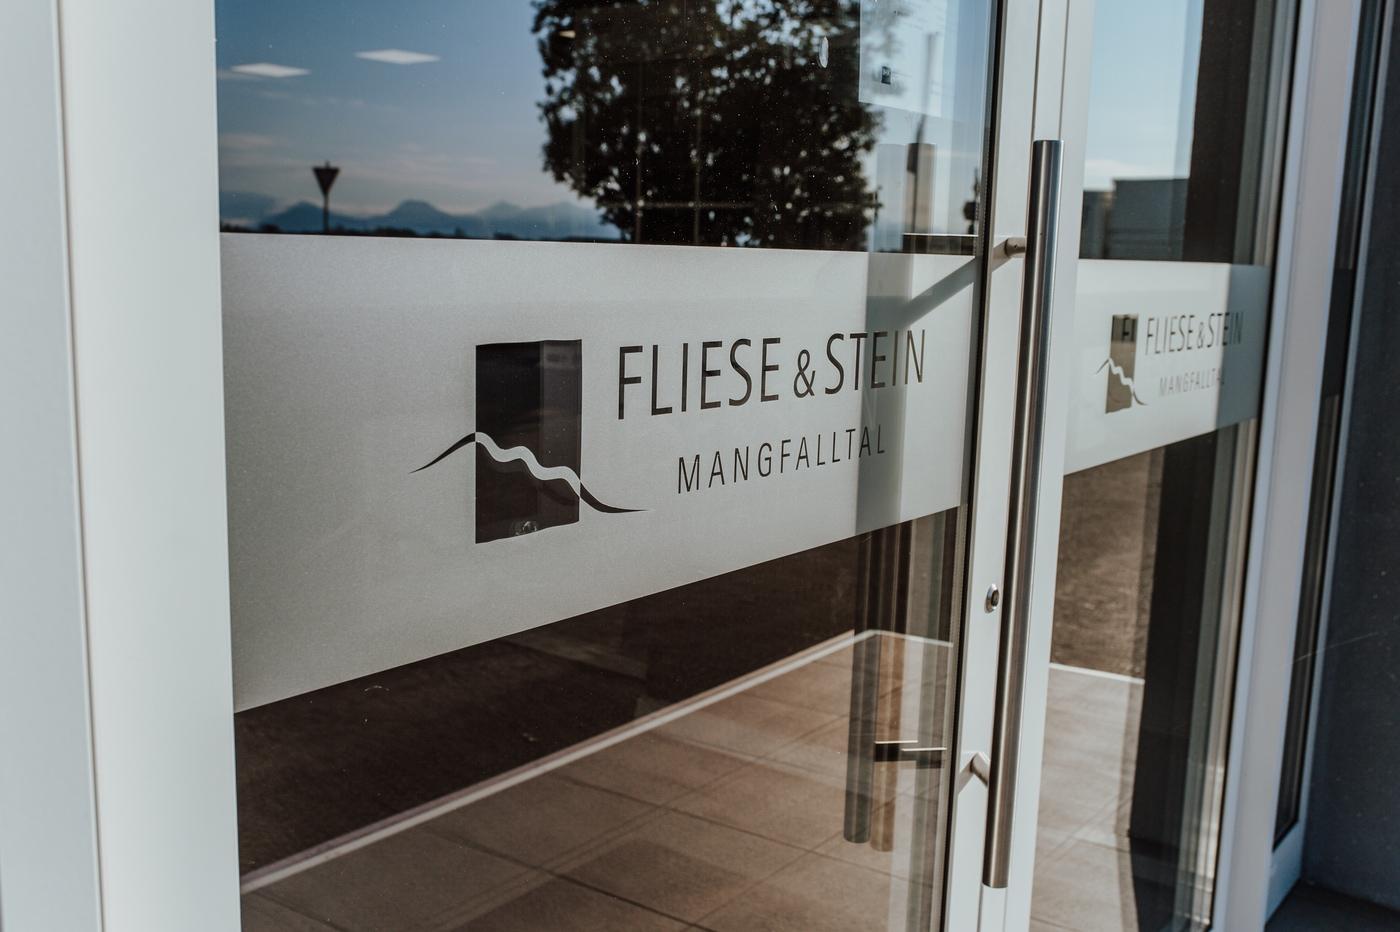 fliese_und_stein_mangfalltal_0006